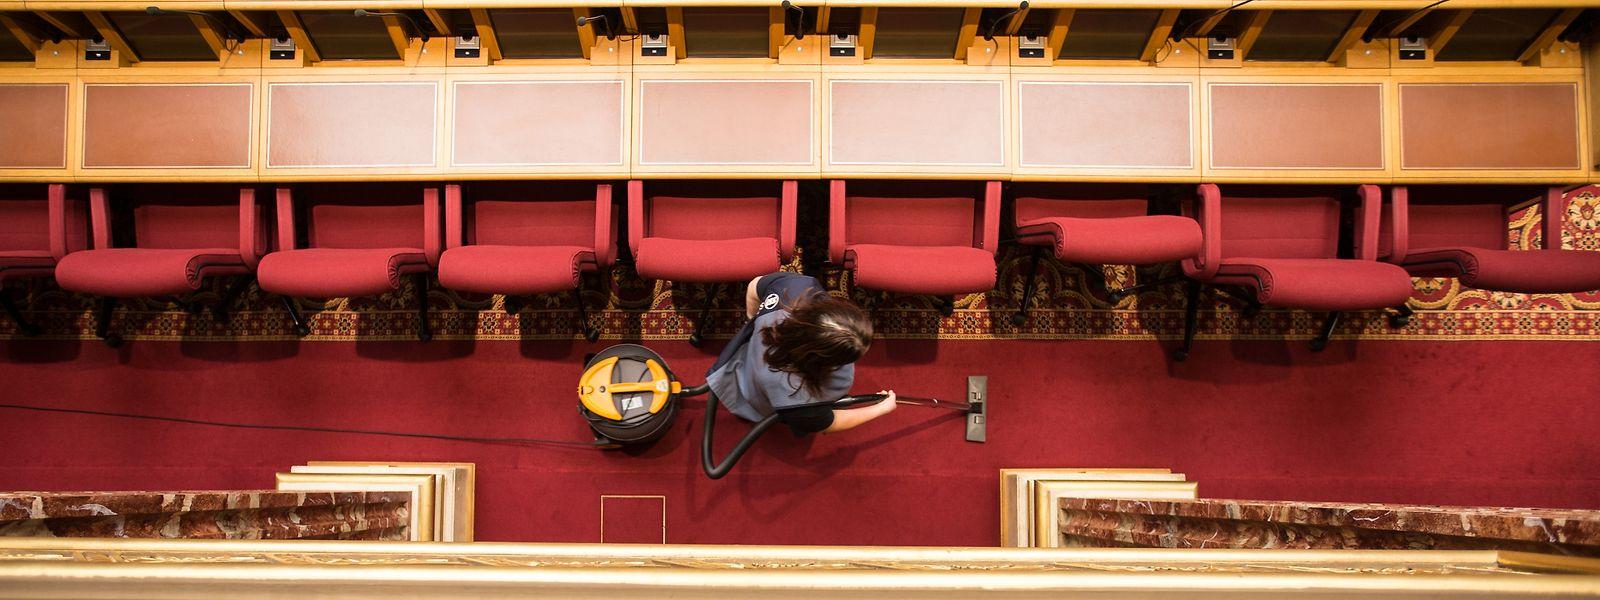 60 Sitze werden am Sonntag vergeben; besonders begehrt sind die Restsitze.